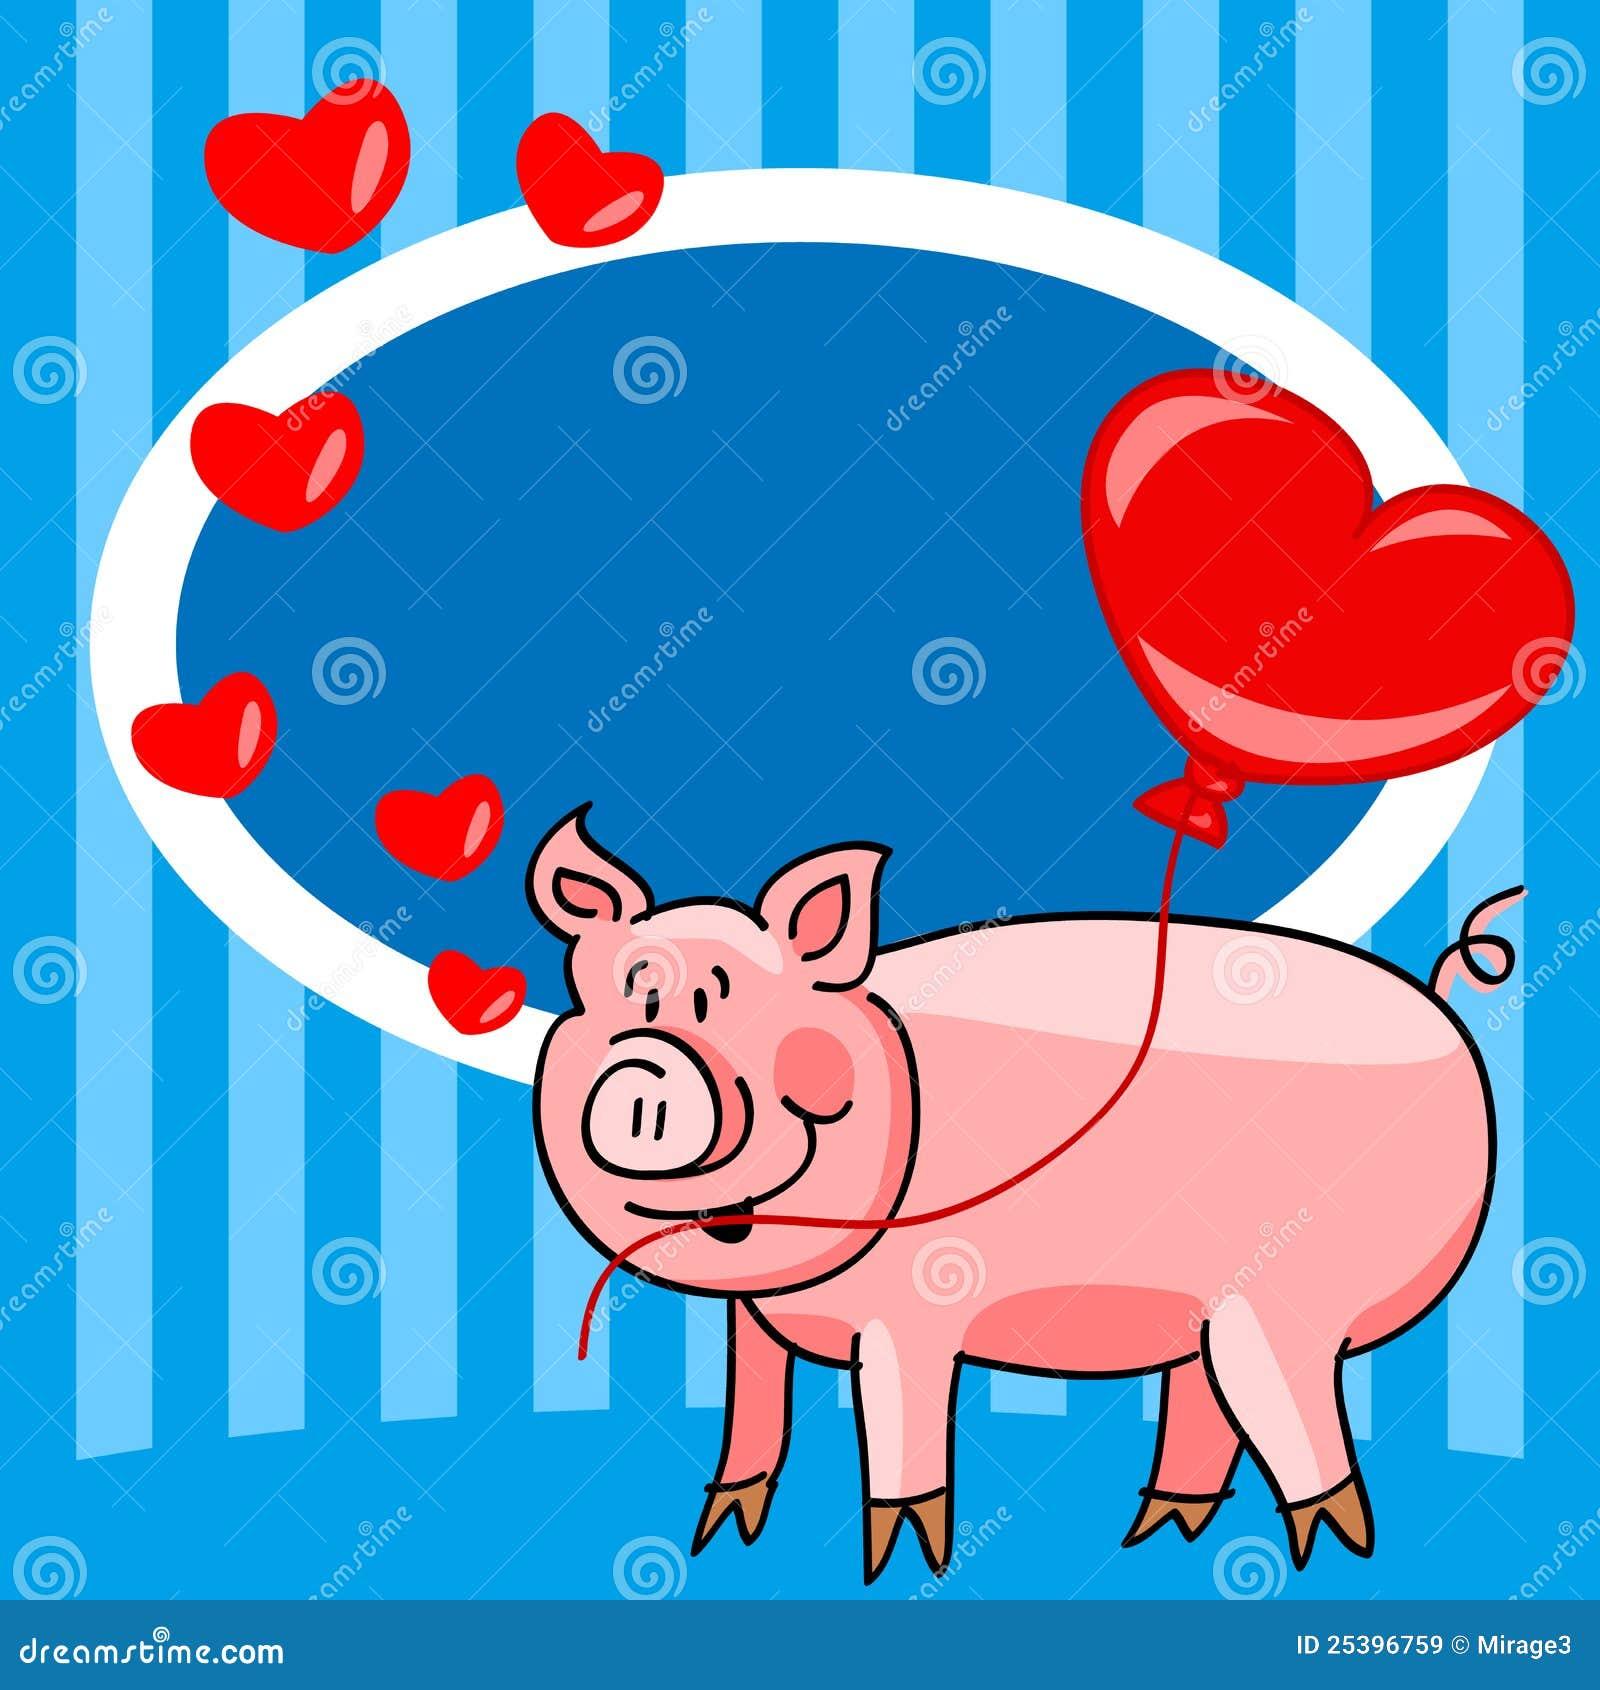 ¡¡¡ Falta una semana !!!-http://thumbs.dreamstime.com/z/tarjeta-del-amor-del-cerdo-de-la-historieta-25396759.jpg